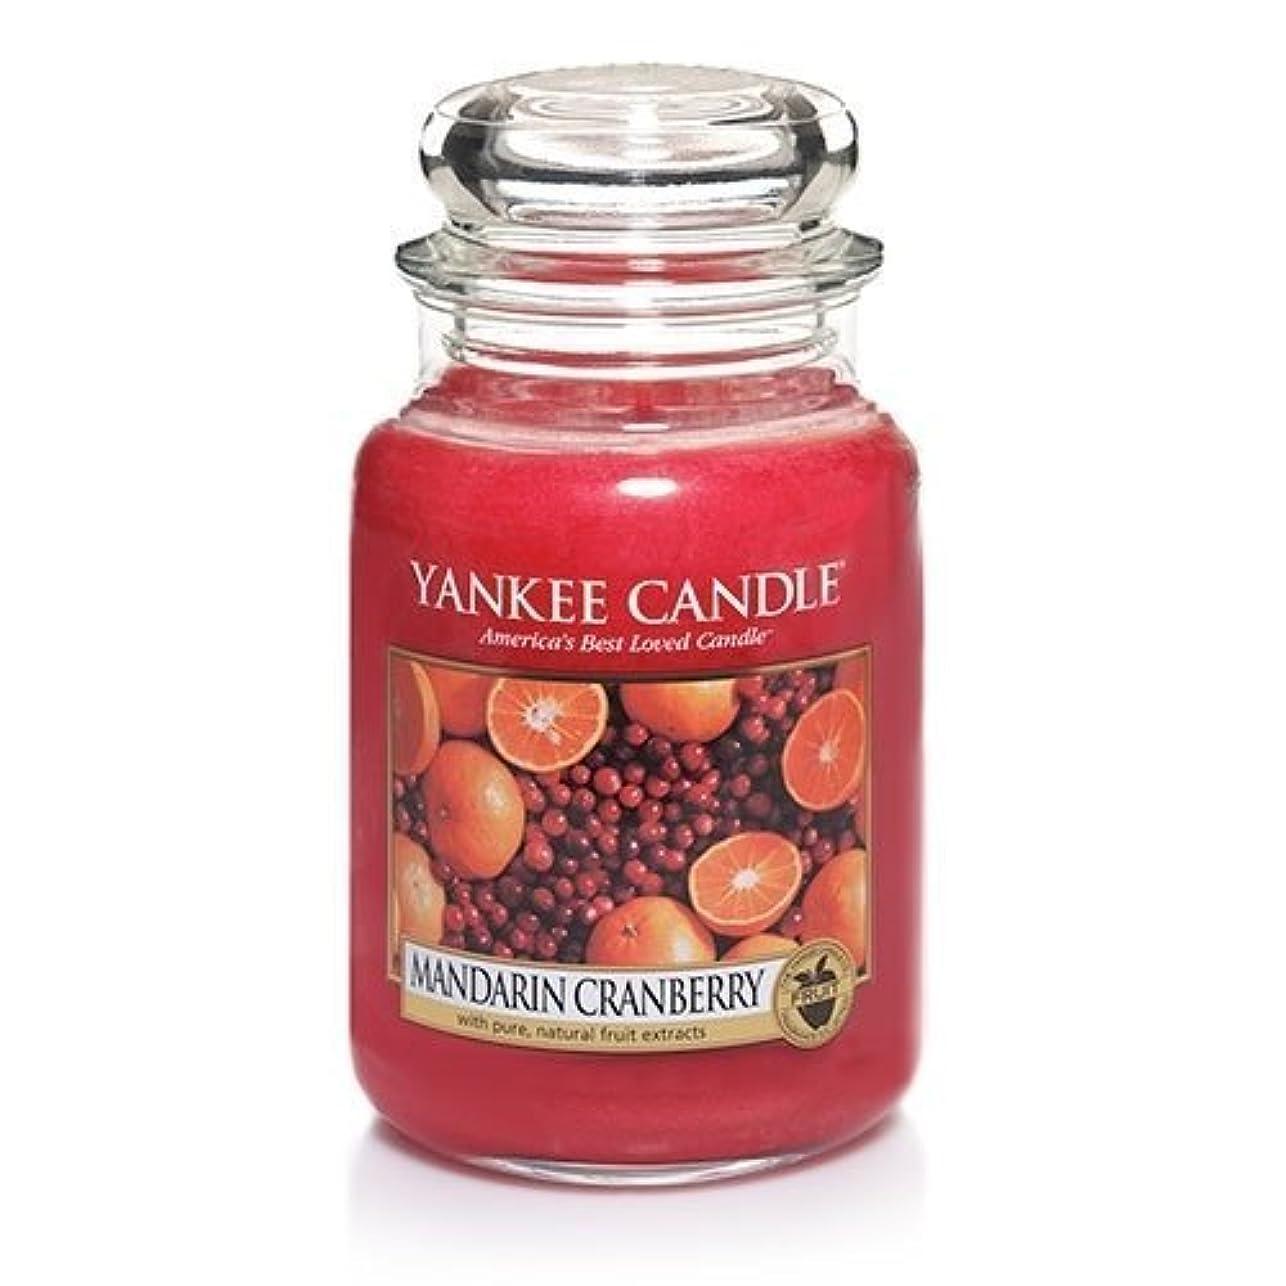 にぎやか適用する白雪姫Mandarin Cranberry Large Scented Jar by Yankee Candle [並行輸入品]